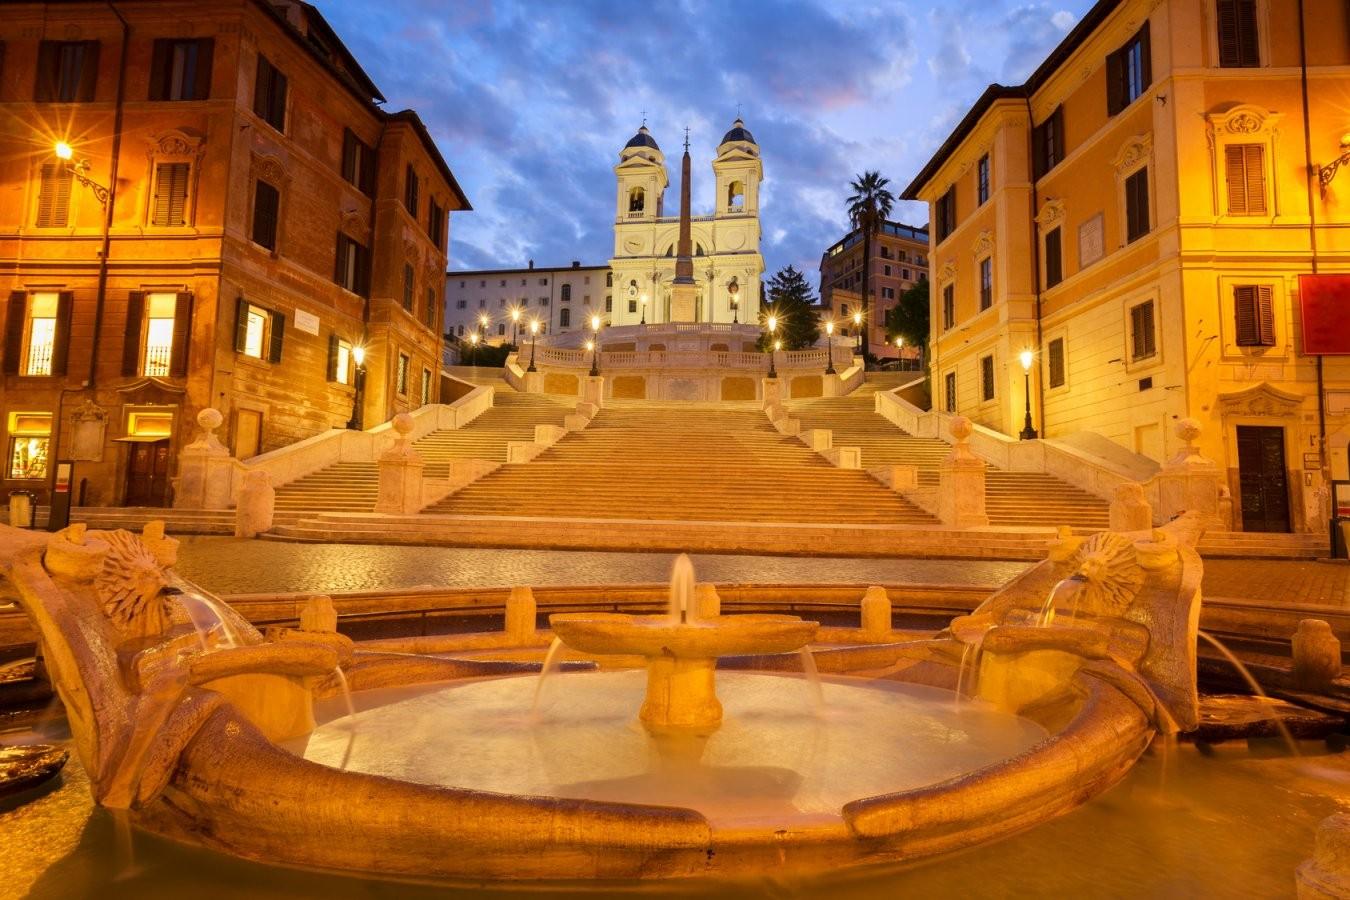 Die Spanische Treppe In Rom  Fe Reisetouristik Gmbh von Webcam Rom Spanische Treppe Photo